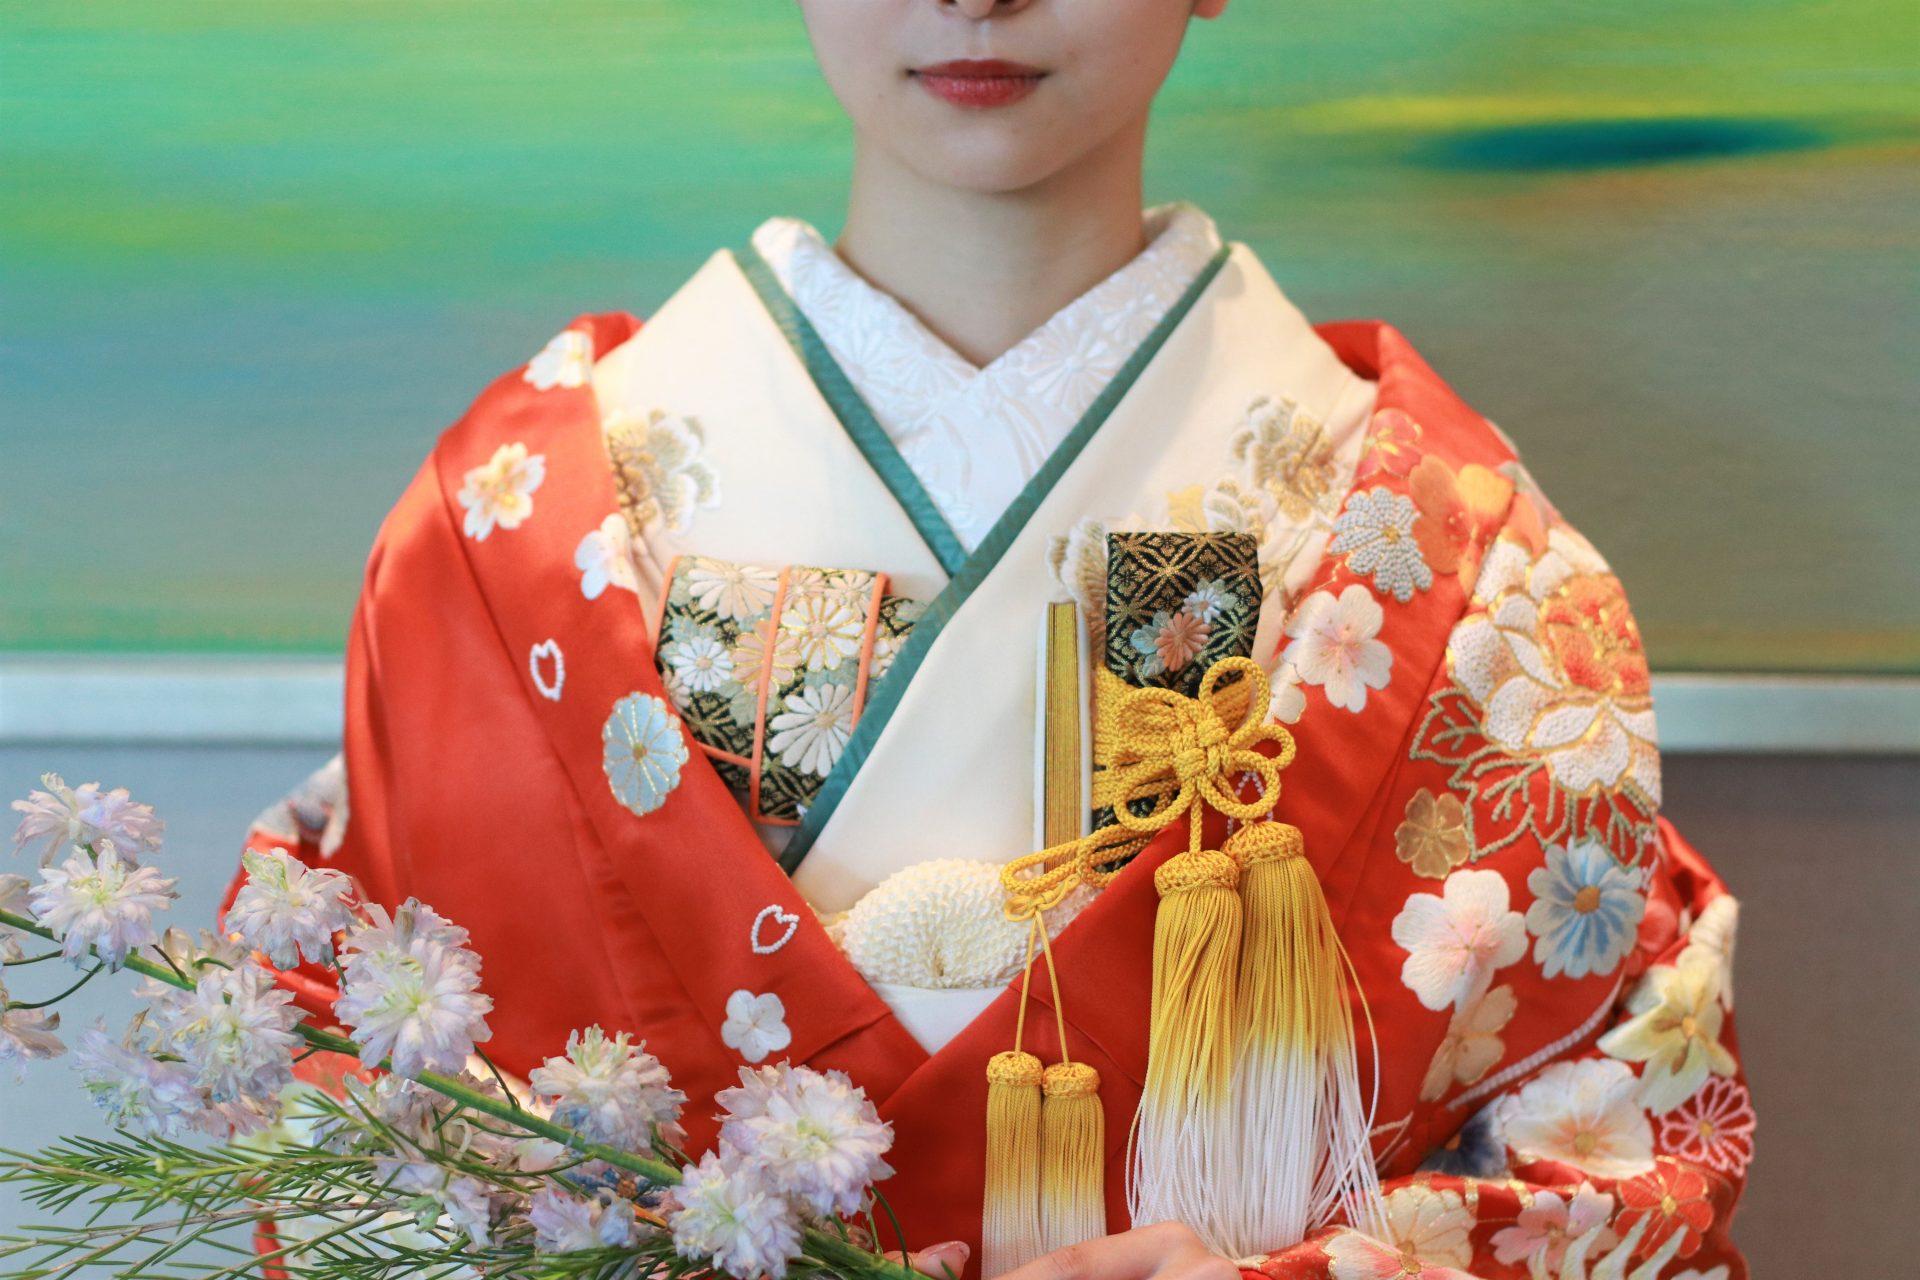 パレスホテル東京のアートに映える色打掛、水と空をモチーフにした油絵を背景に撮影した一枚は刺繍で描かれた四季の花々をより美しく引き立てます